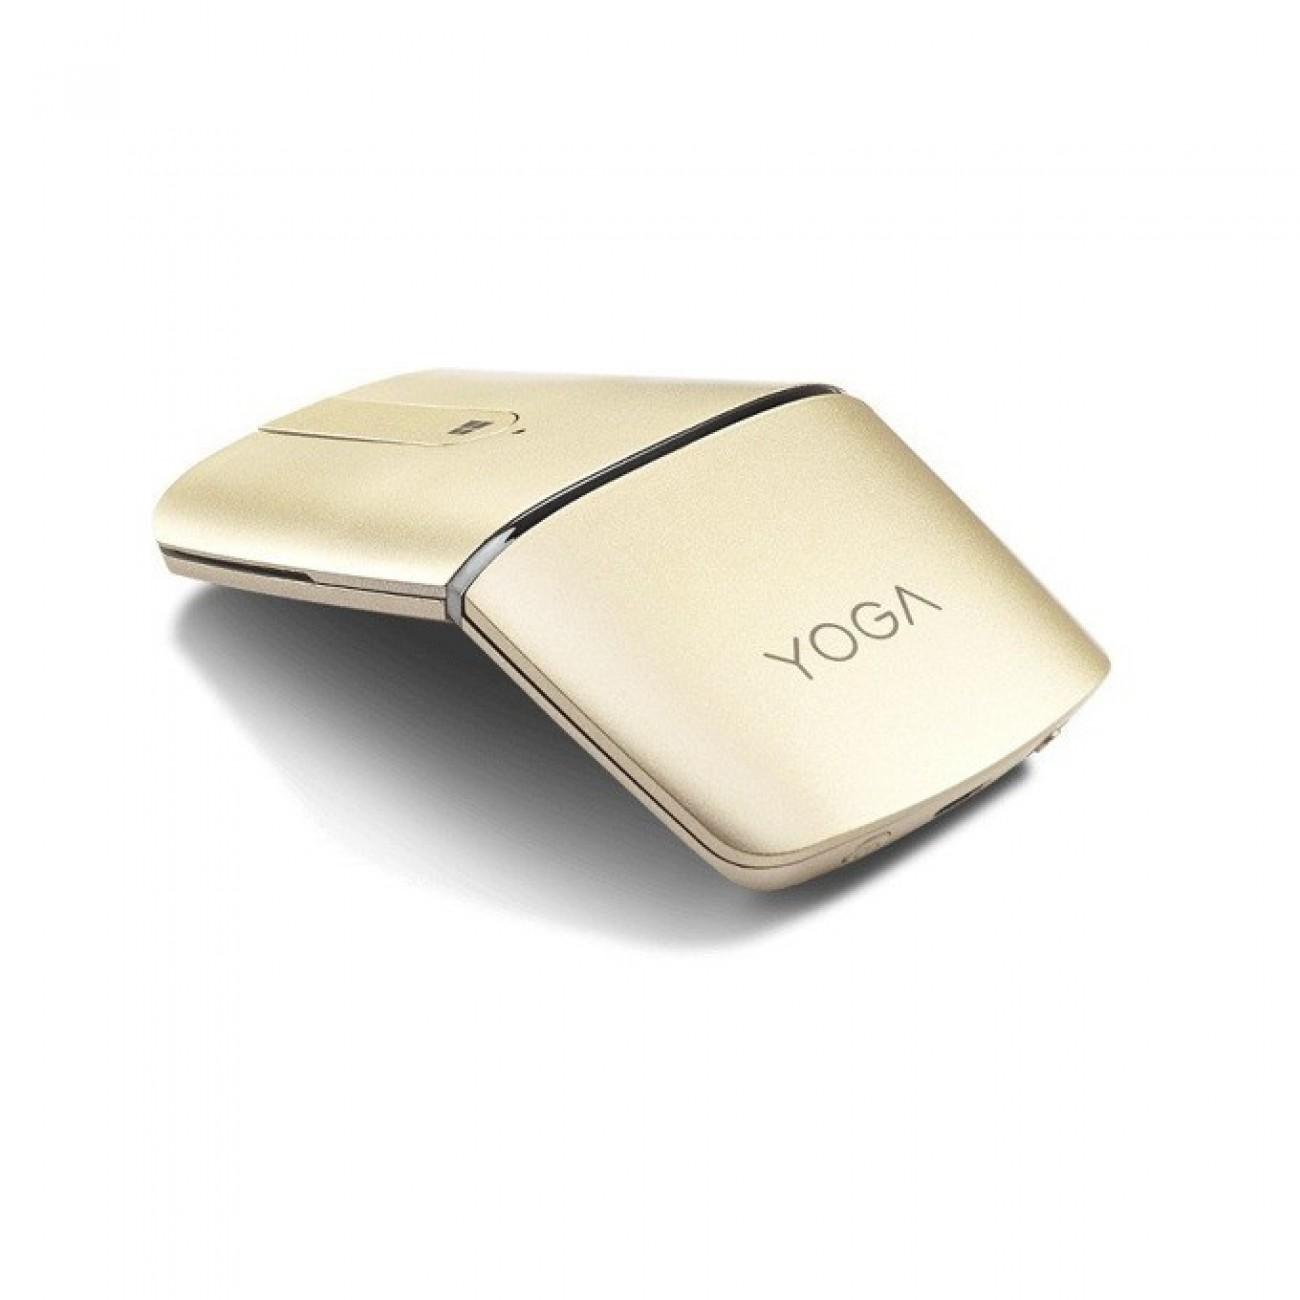 Мишка Lenovo Wireless Yoga, оптична (1600 dpi), Bluetooth 4.0/Wireless, USB, златиста, сензорен тъч пад, сгъваема, презареждаема батерия в Мишки -  | Alleop